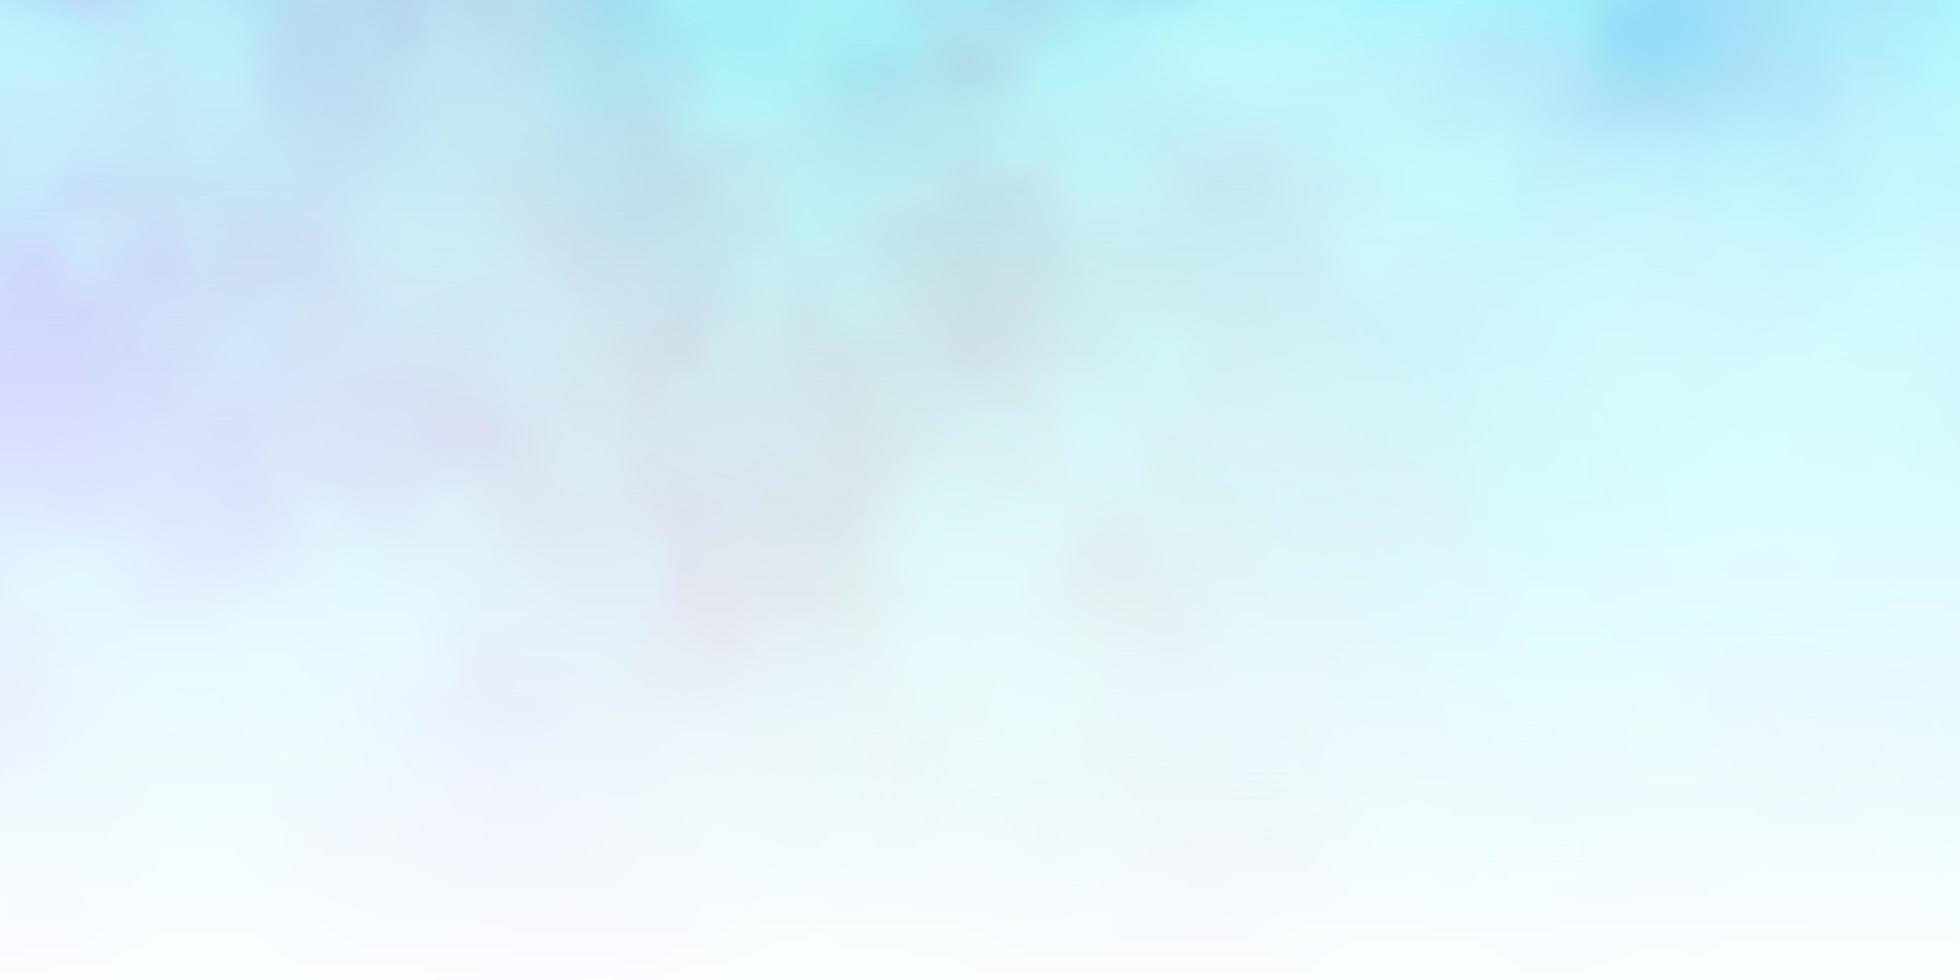 pano de fundo azul claro do vetor com cúmulos.